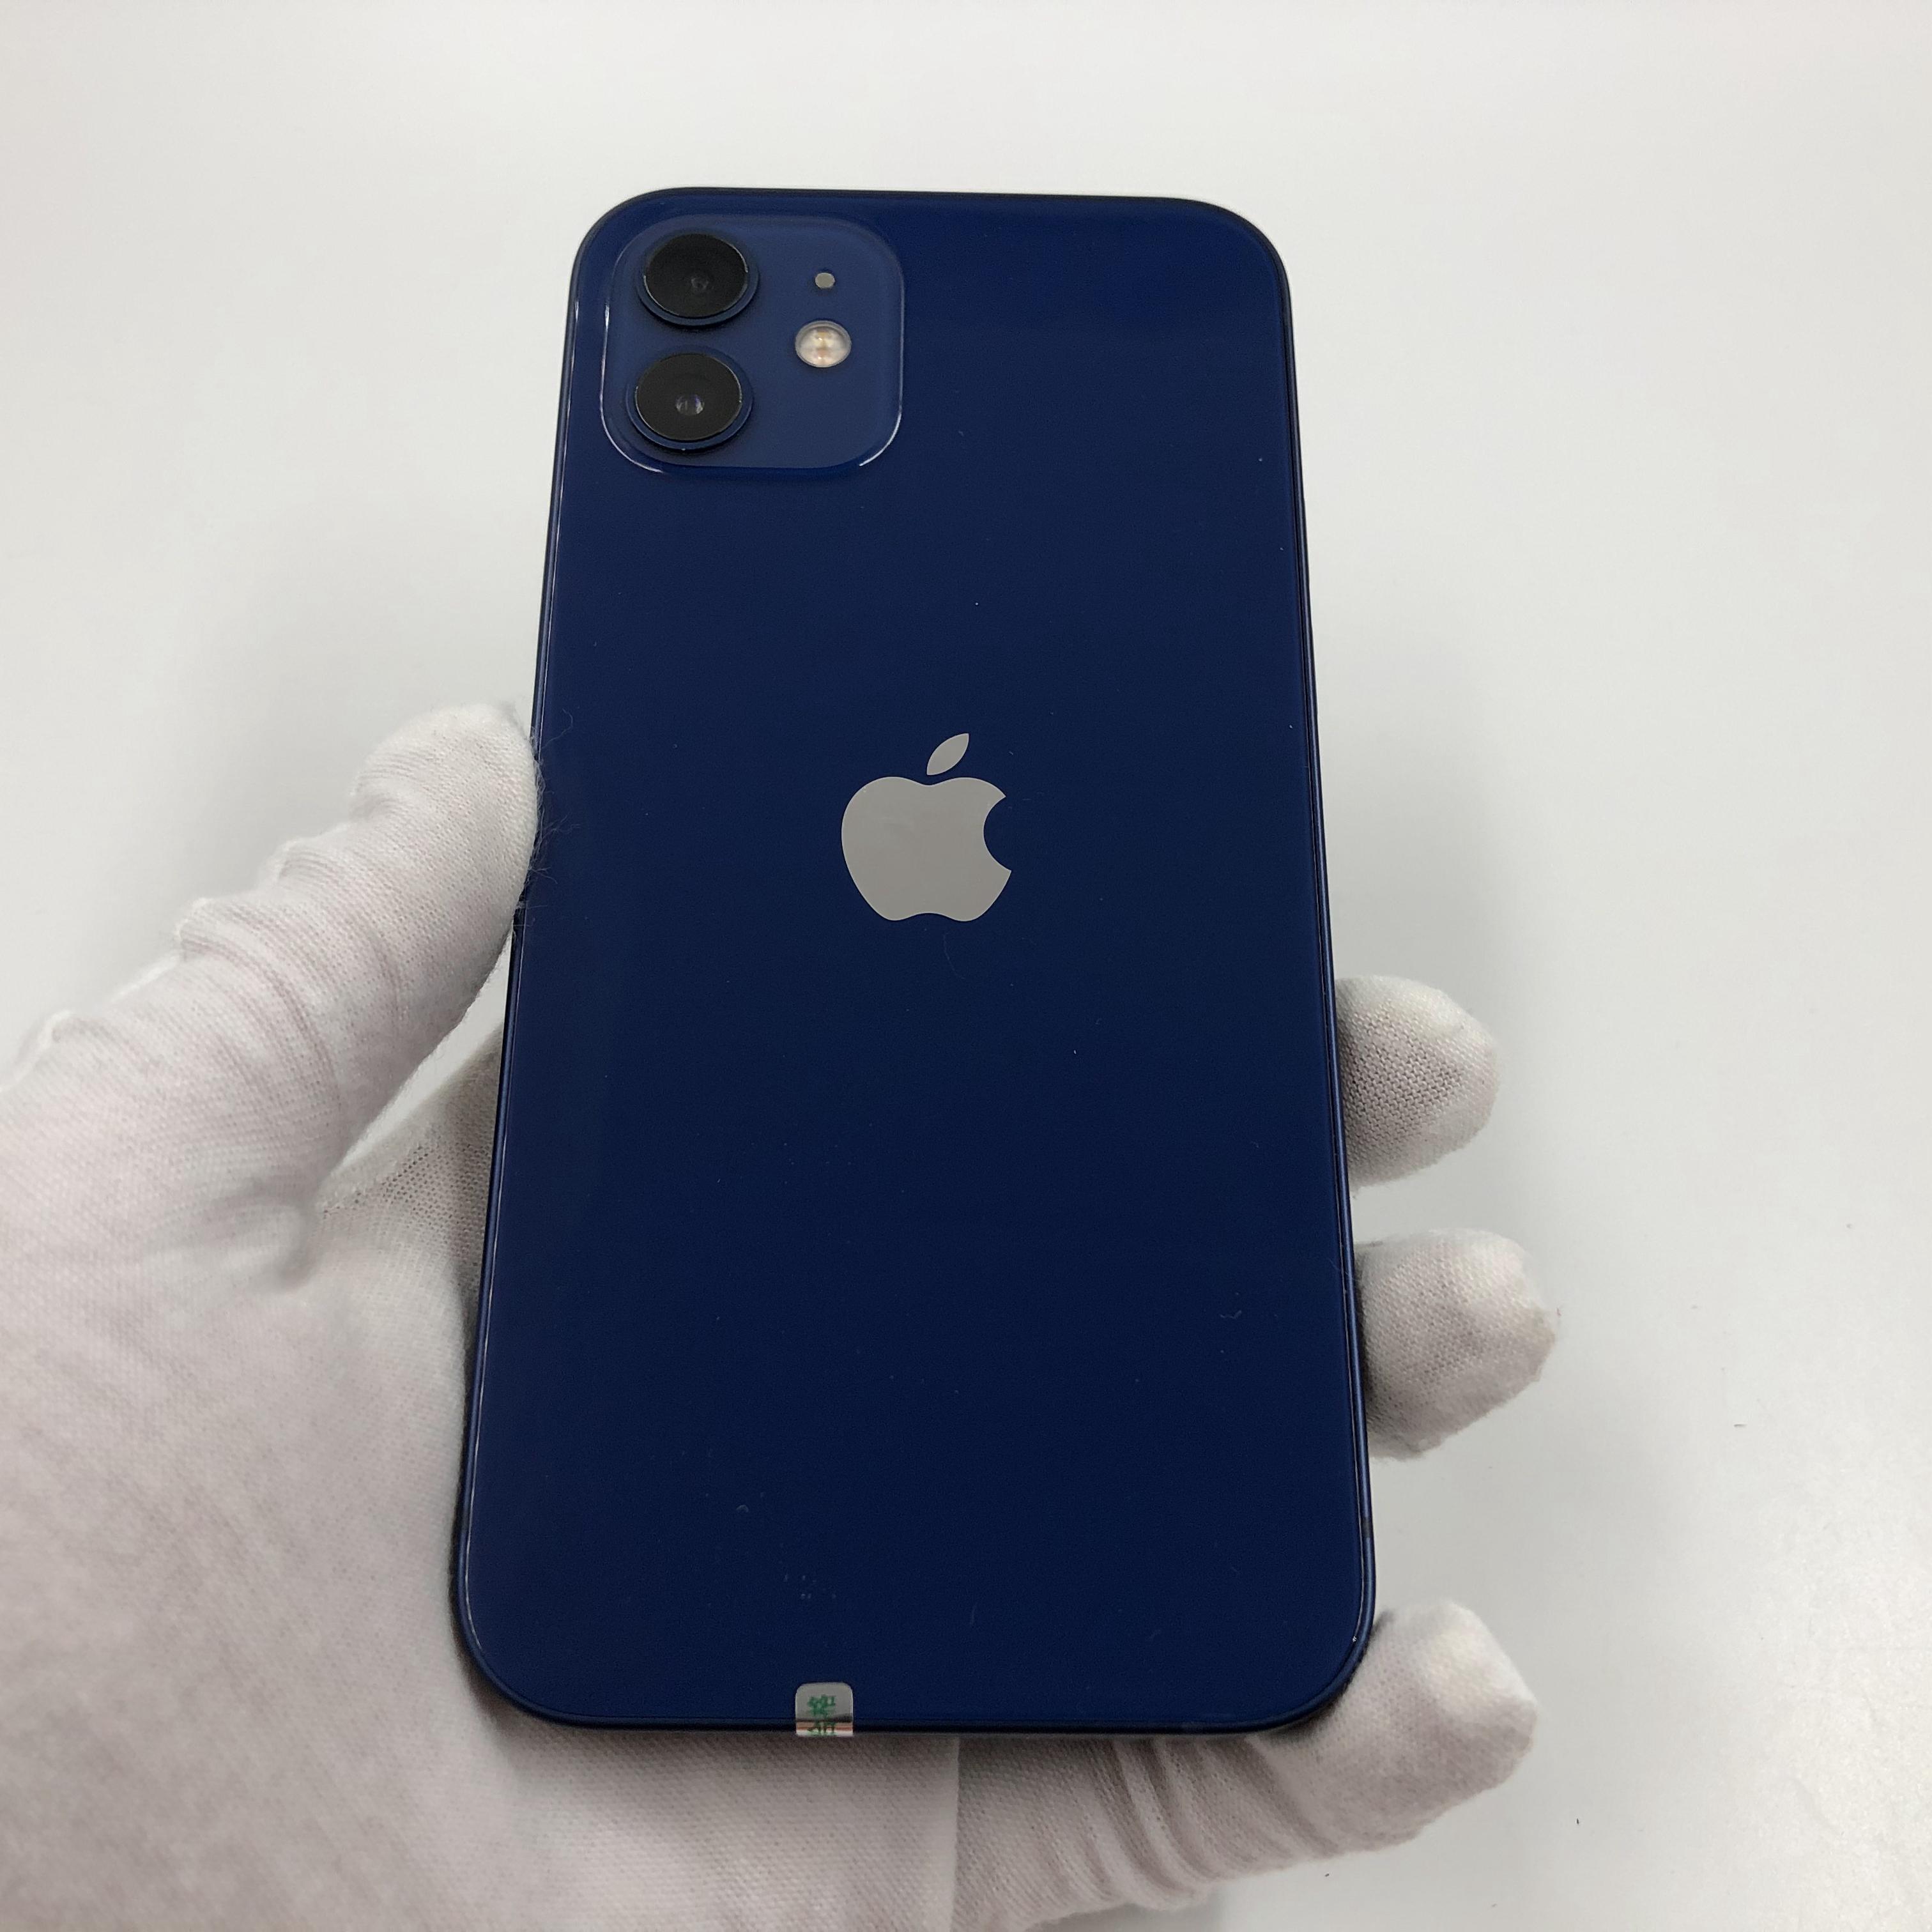 苹果【iPhone 12】5G全网通 蓝色 256G 国行 8成新 真机实拍官保2021-10-27